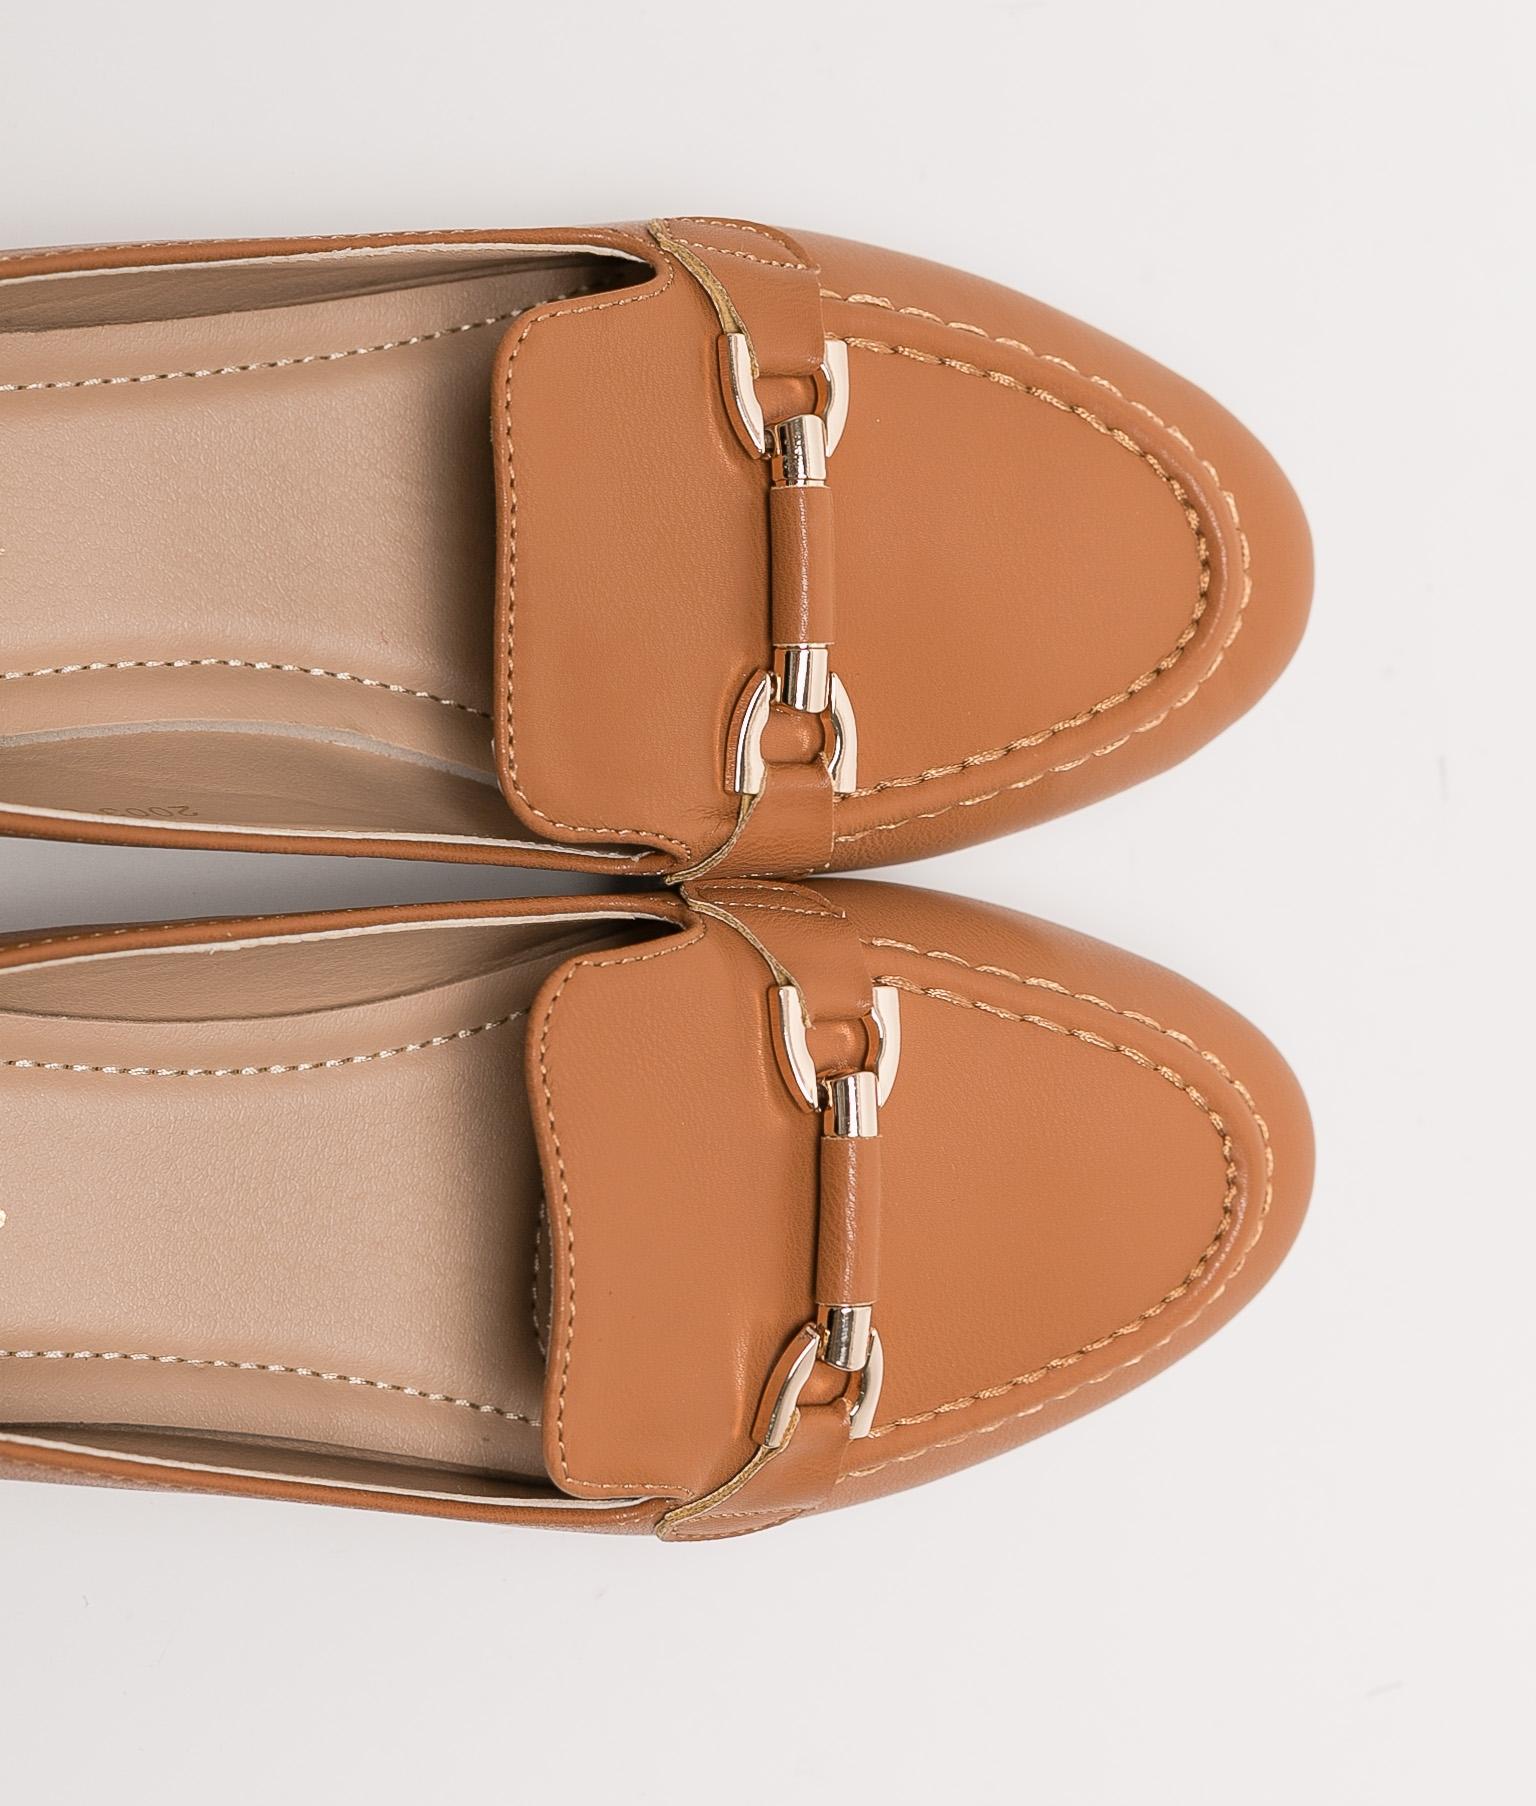 Sapato LUPER - CAMELO